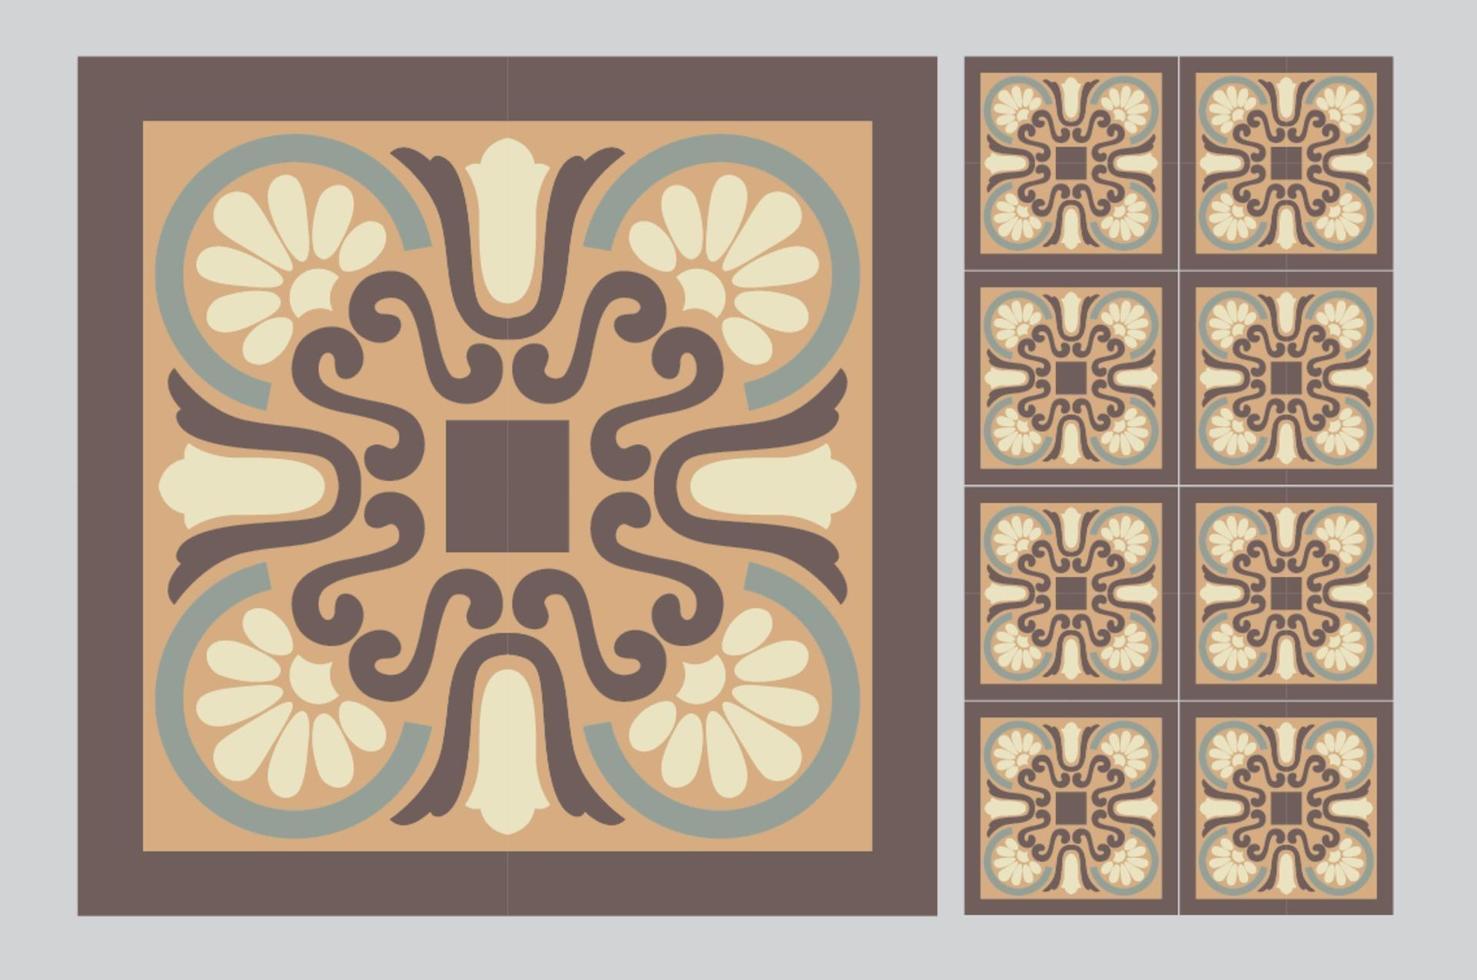 piastrelle portoghesi modelli antichi design senza soluzione di continuità in illustrazione vettoriale